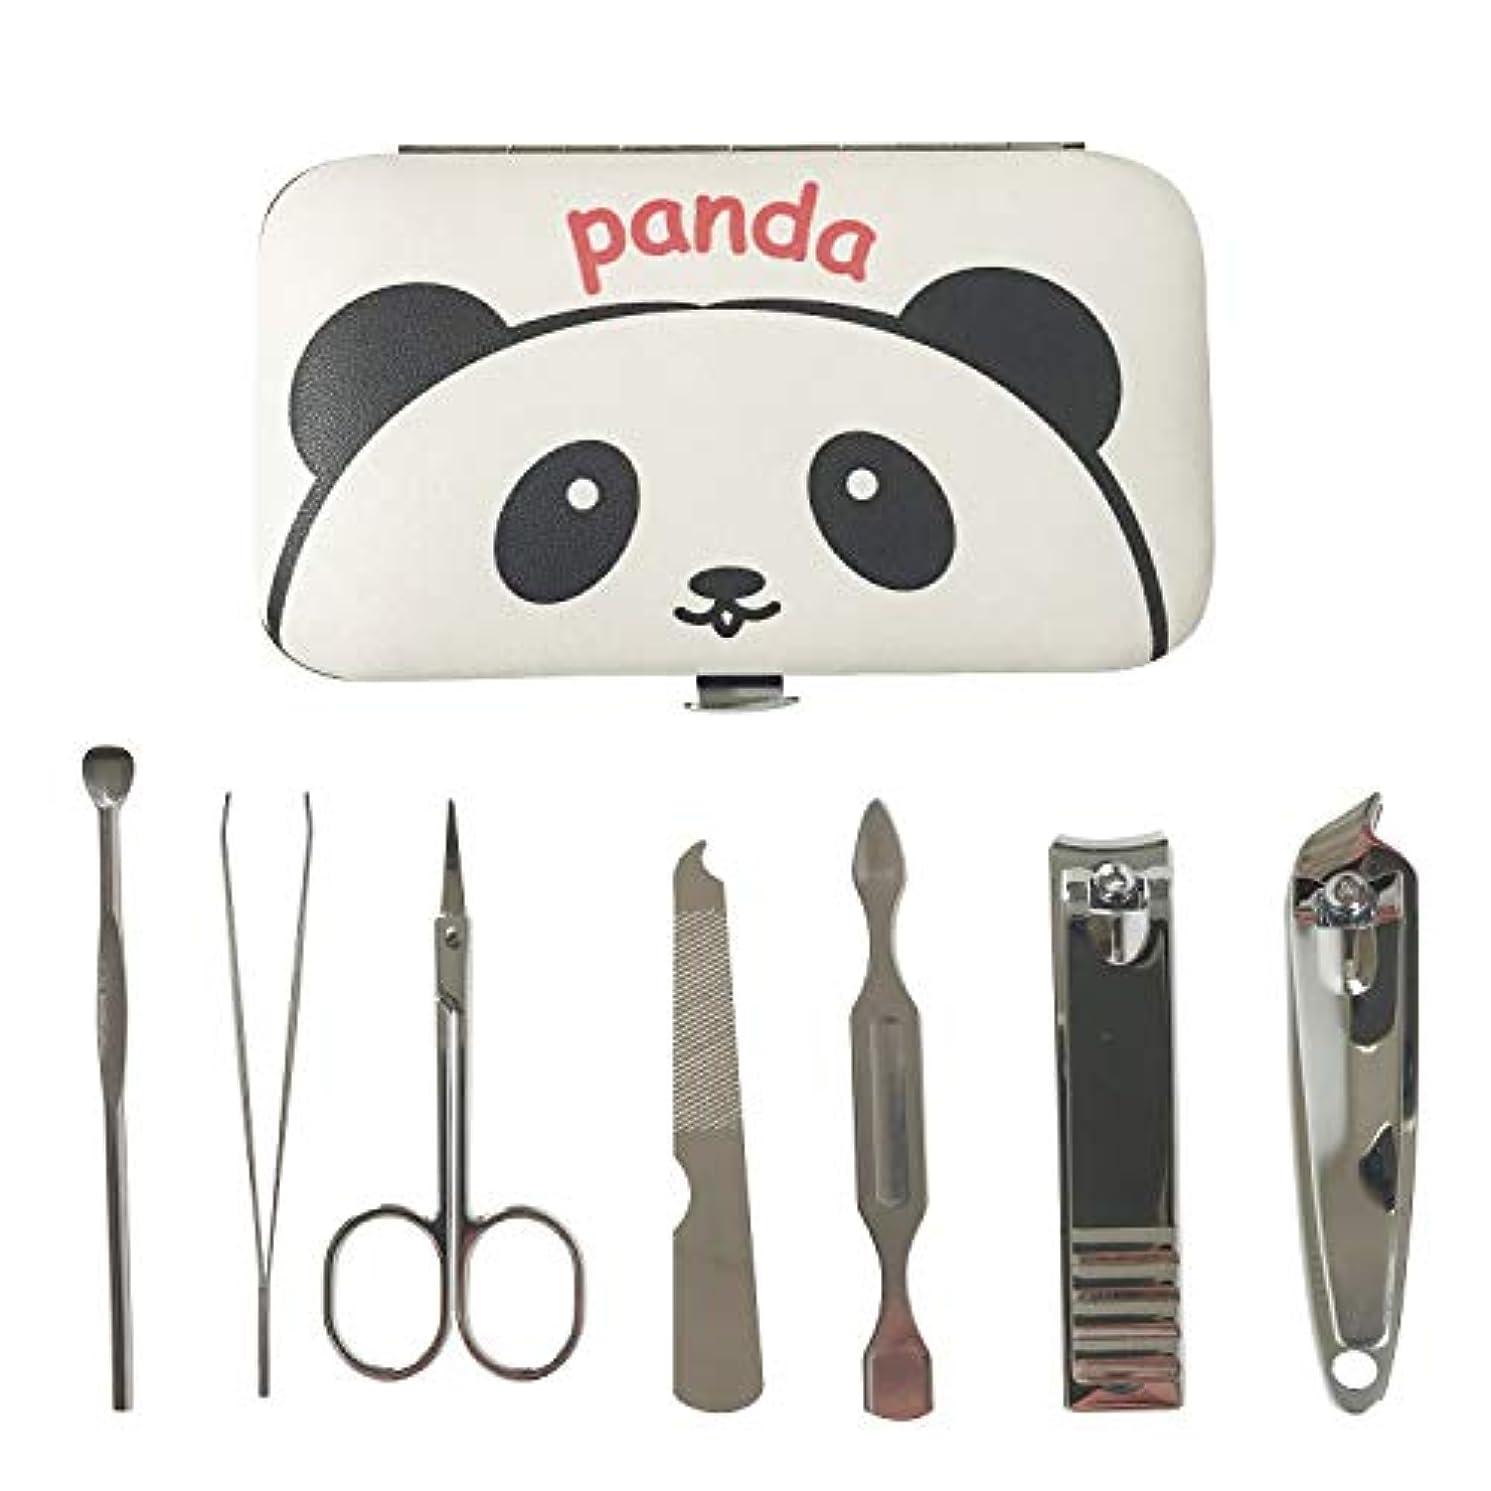 使い込むみがきますどういたしましてネイルケアセット ケース付き 多機能 ステンレス製 爪切り ネイルクリーナー 爪ヤスリ 耳かき 眉毛抜き 眉毛はさみ パンダ柄